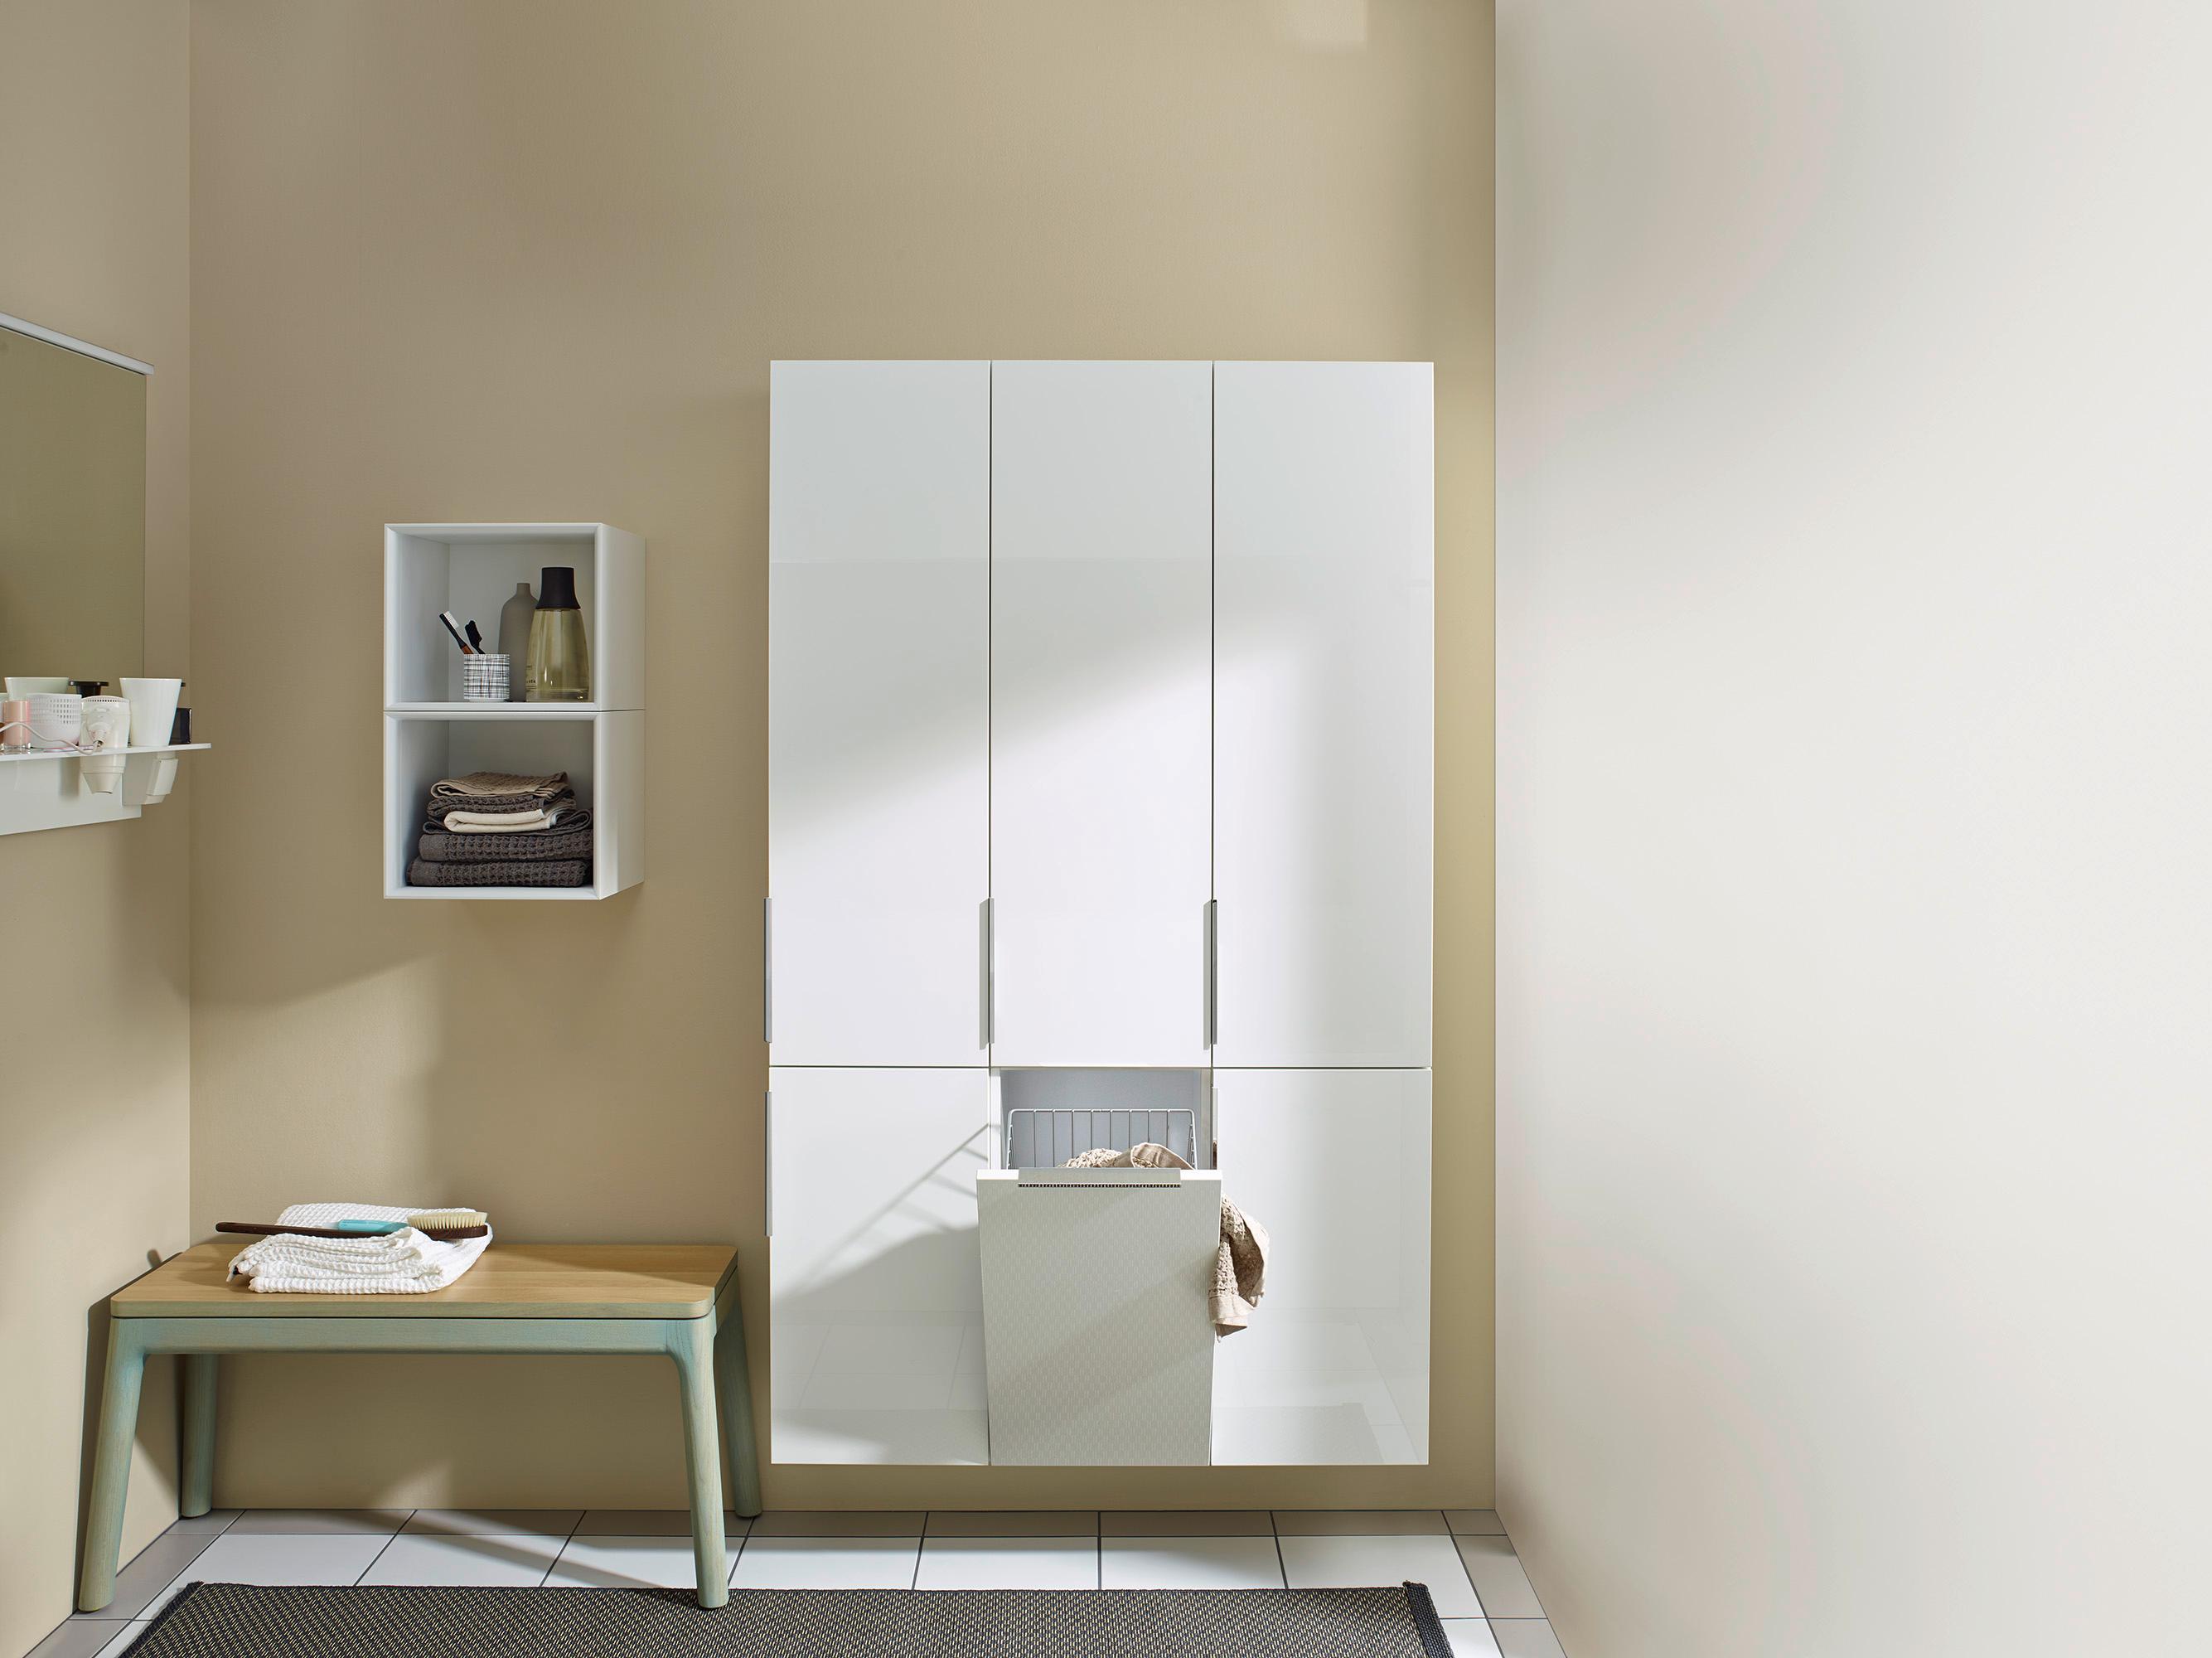 Badezimmerschrank mit wäschekorb  Wäschekorb • Bilder & Ideen • COUCHstyle